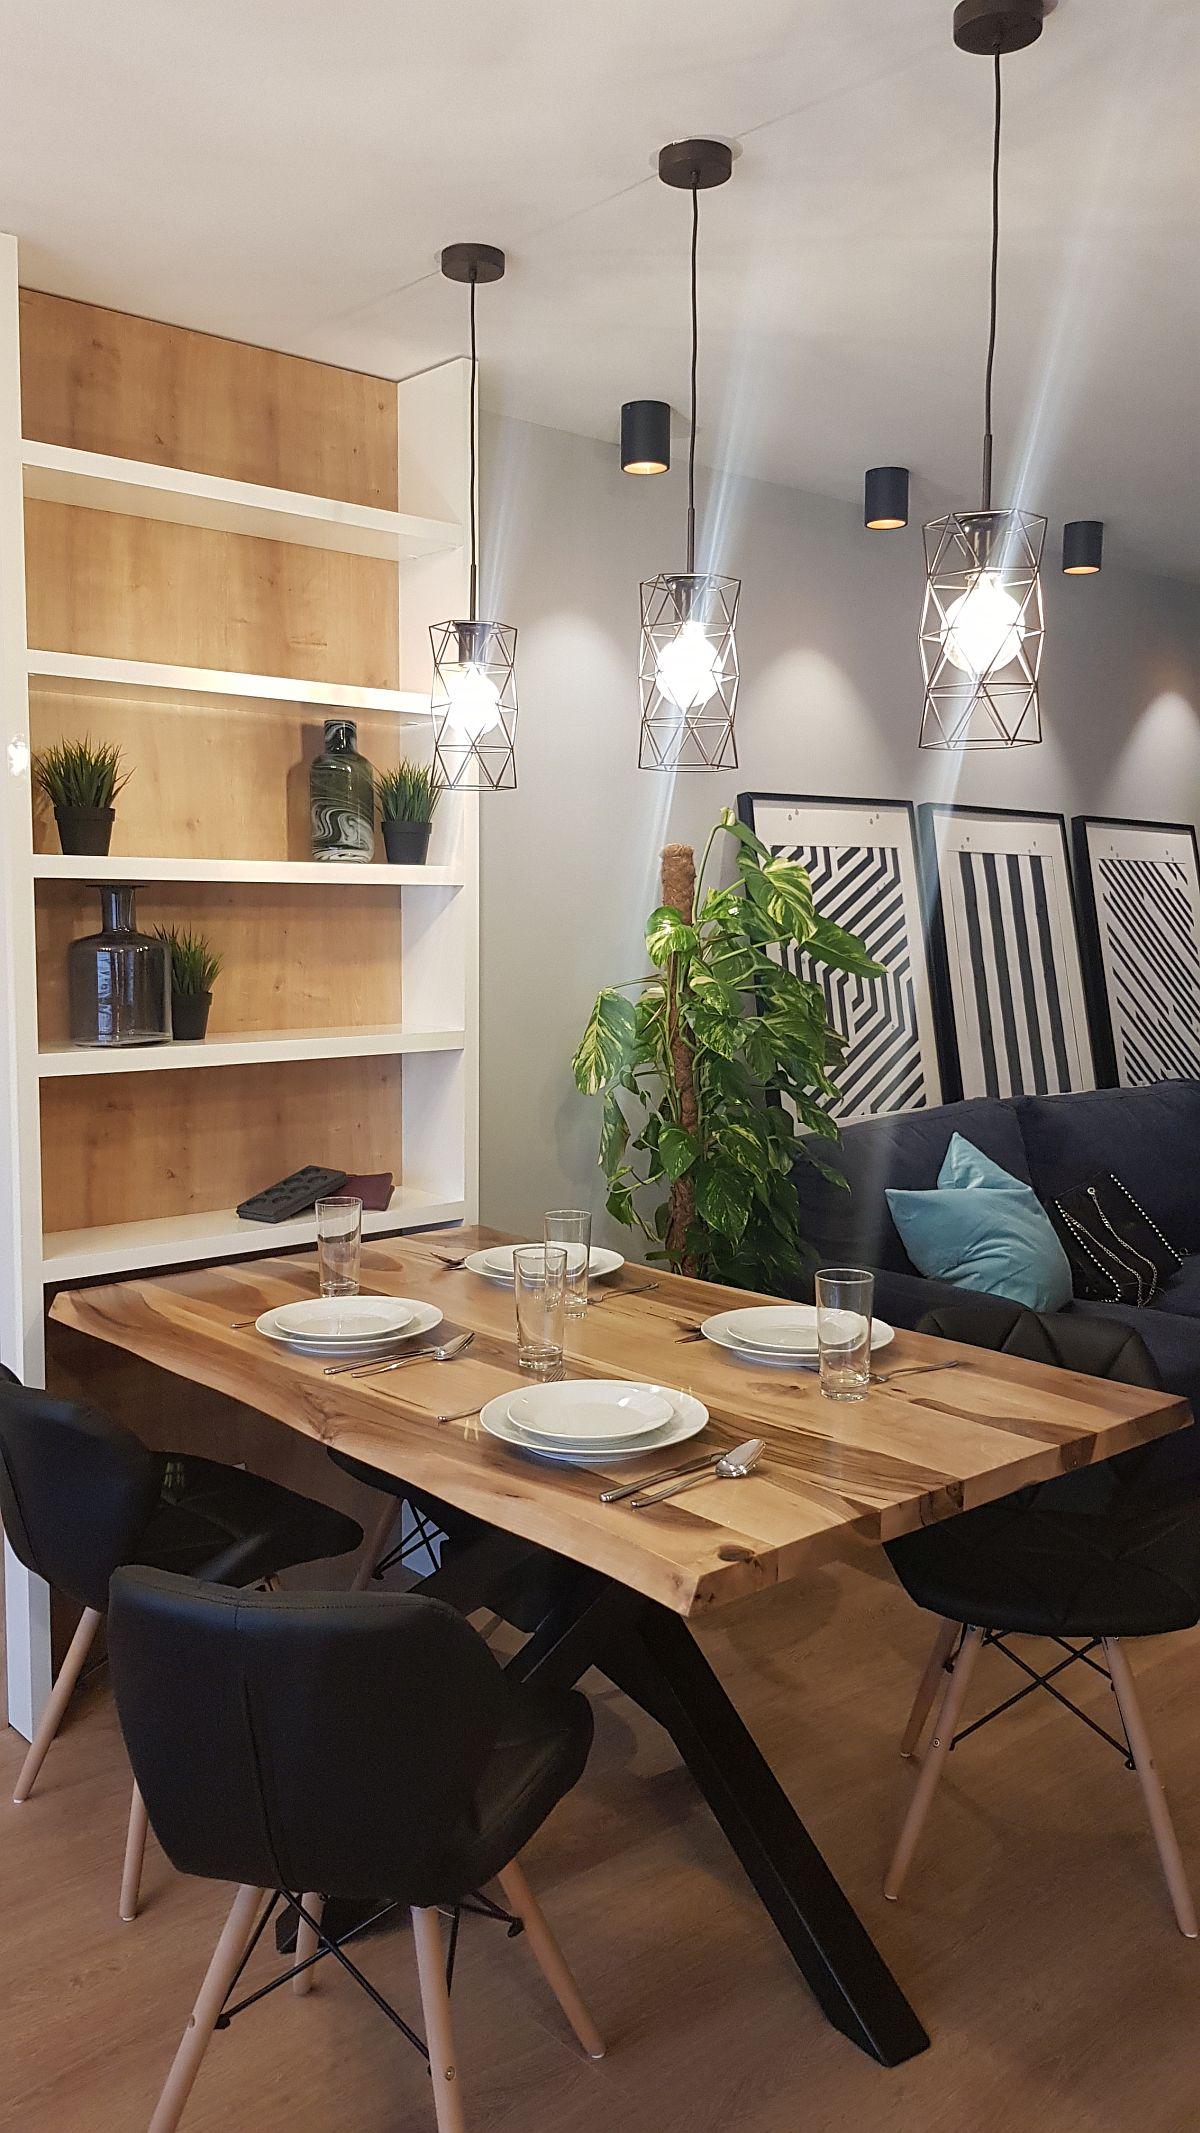 Locul de luat masa este situat la granița dintre living și bucătărie, marcat atât prin mobilier specific, cât și prin corpurile de iluminat suspendate deasupra mesei. Pe verticală a fost prevăzută o etajeră cu rafturi care pot avea dublu rol: pentru cărți sau pentru veselă. Masa a fost achiziționată de la Wood, scaunele de la Somproduct, iar corpurile de iluminat de la Eglo.